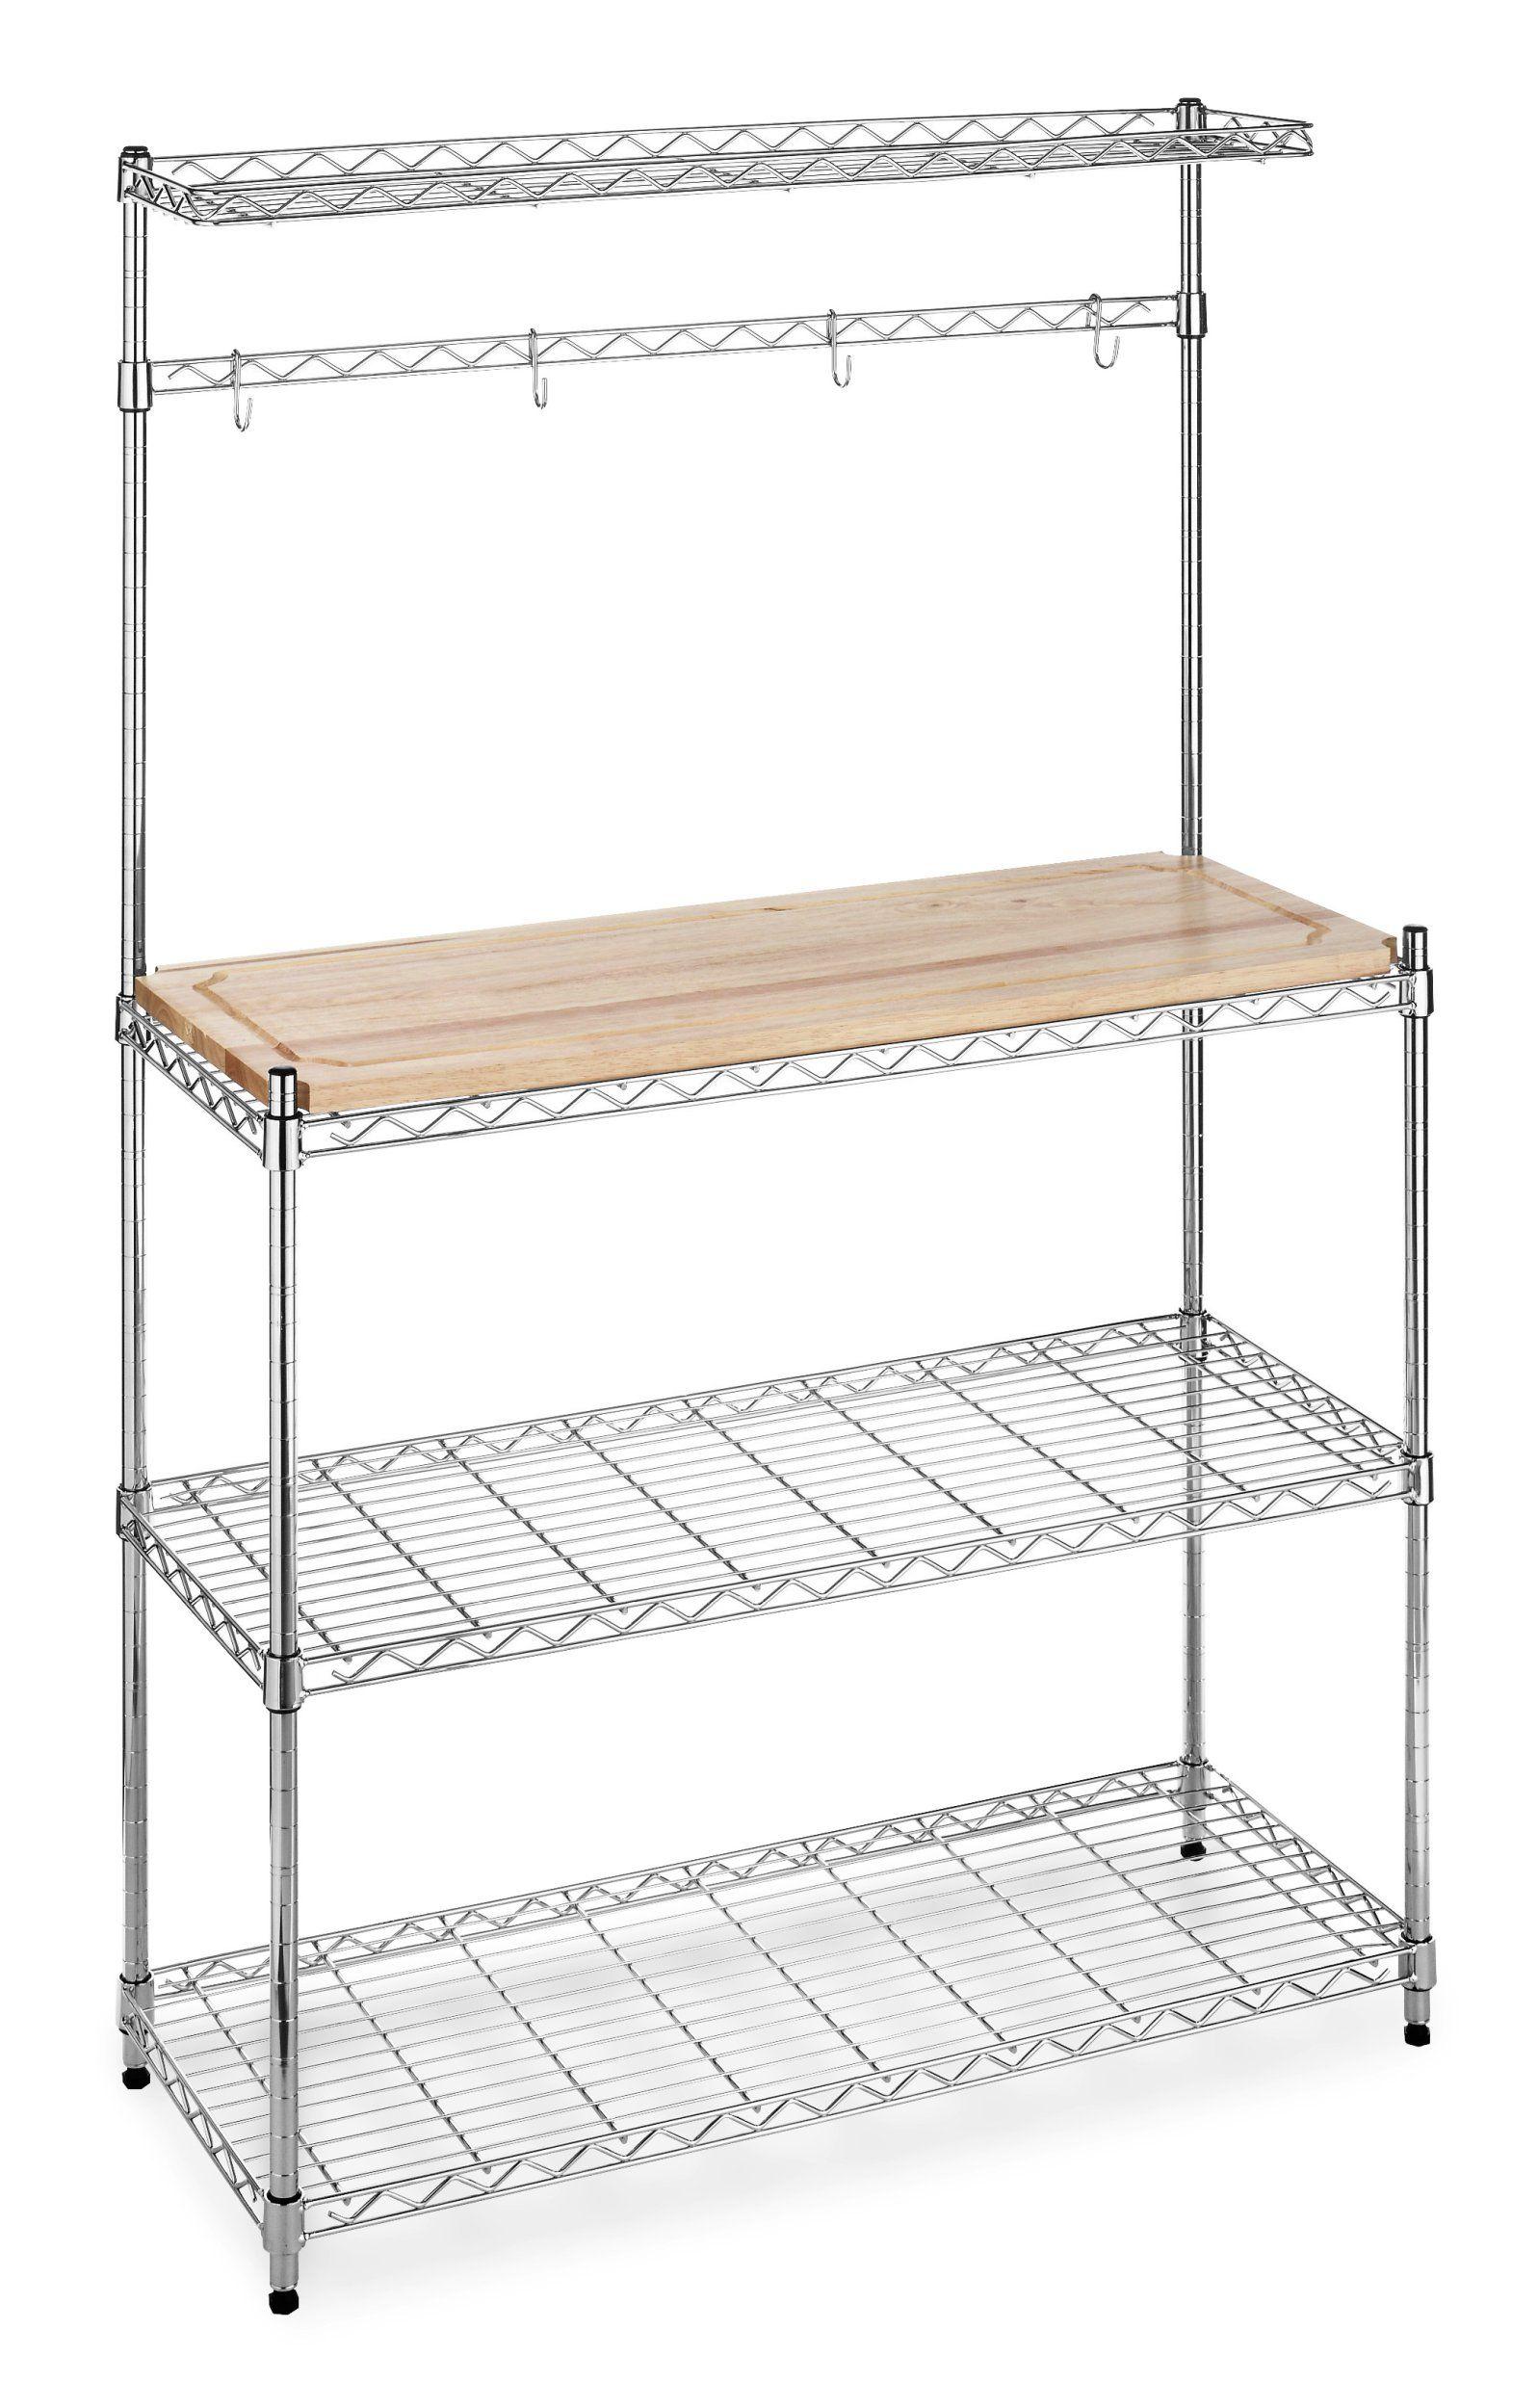 Amazon Com Whitmor 6054 268 Supreme Bakers Rack Chrome And Wood